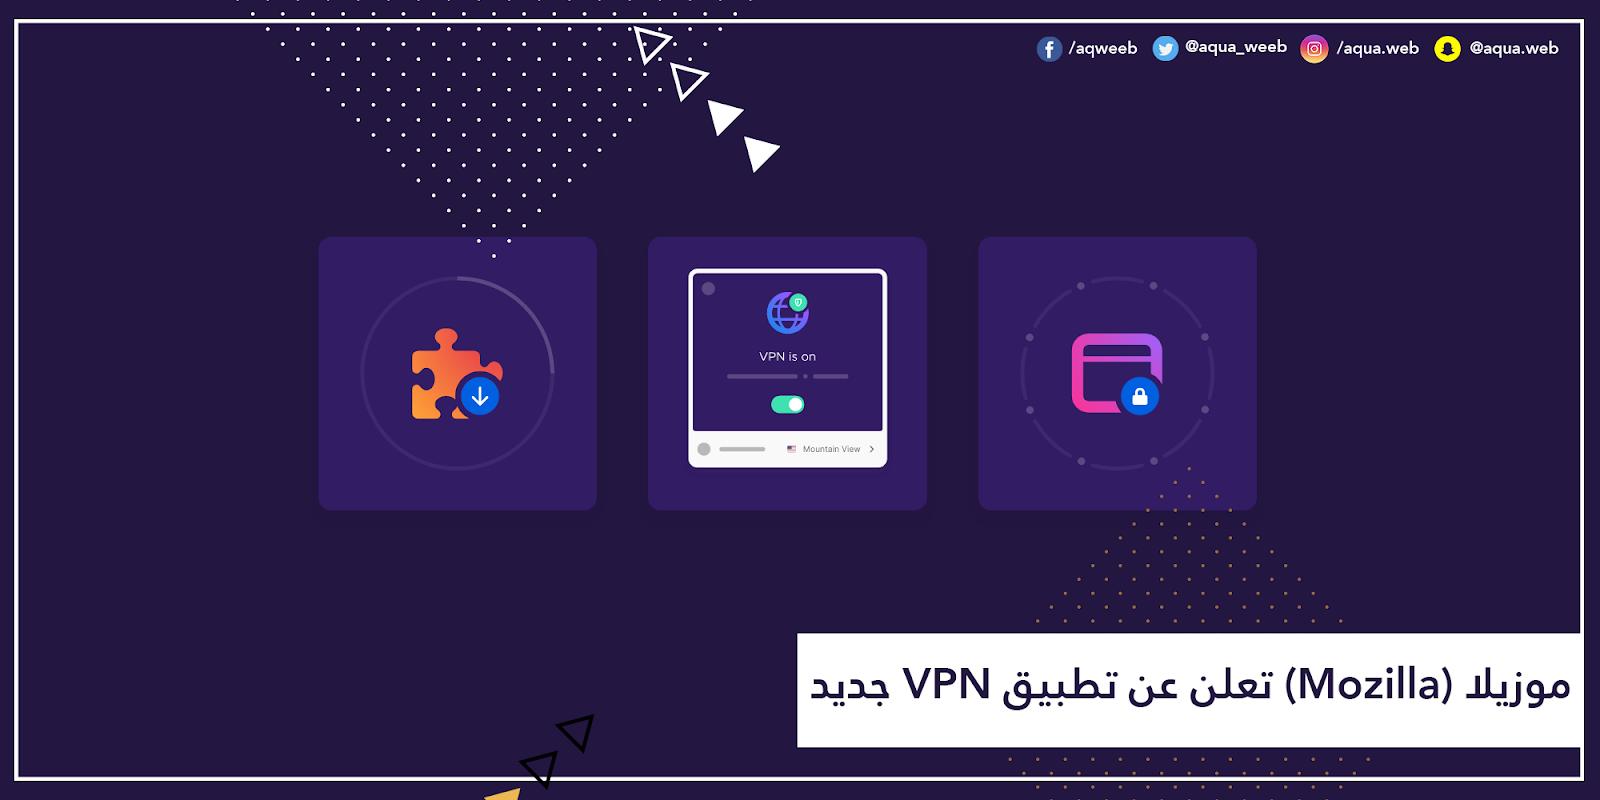 موزيلا (Mozilla) تعلن عن تطبيق VPN جديد و إحترافي